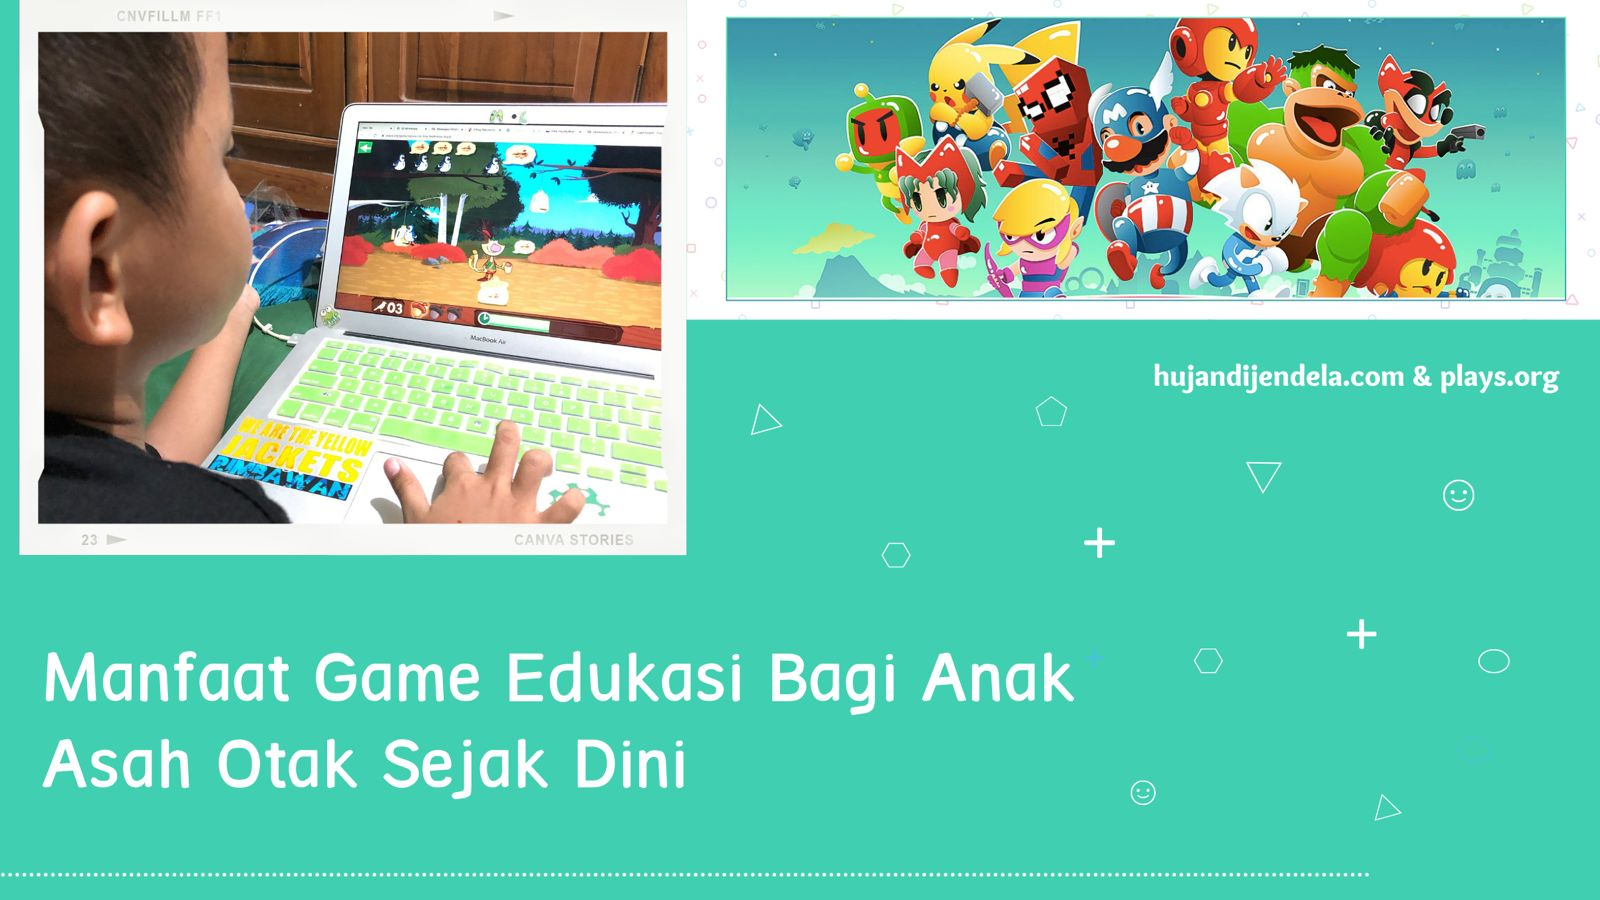 Game Edukasi Anak Gratis di PC - Asah Otak Anak Sejak Dini - Cover 2